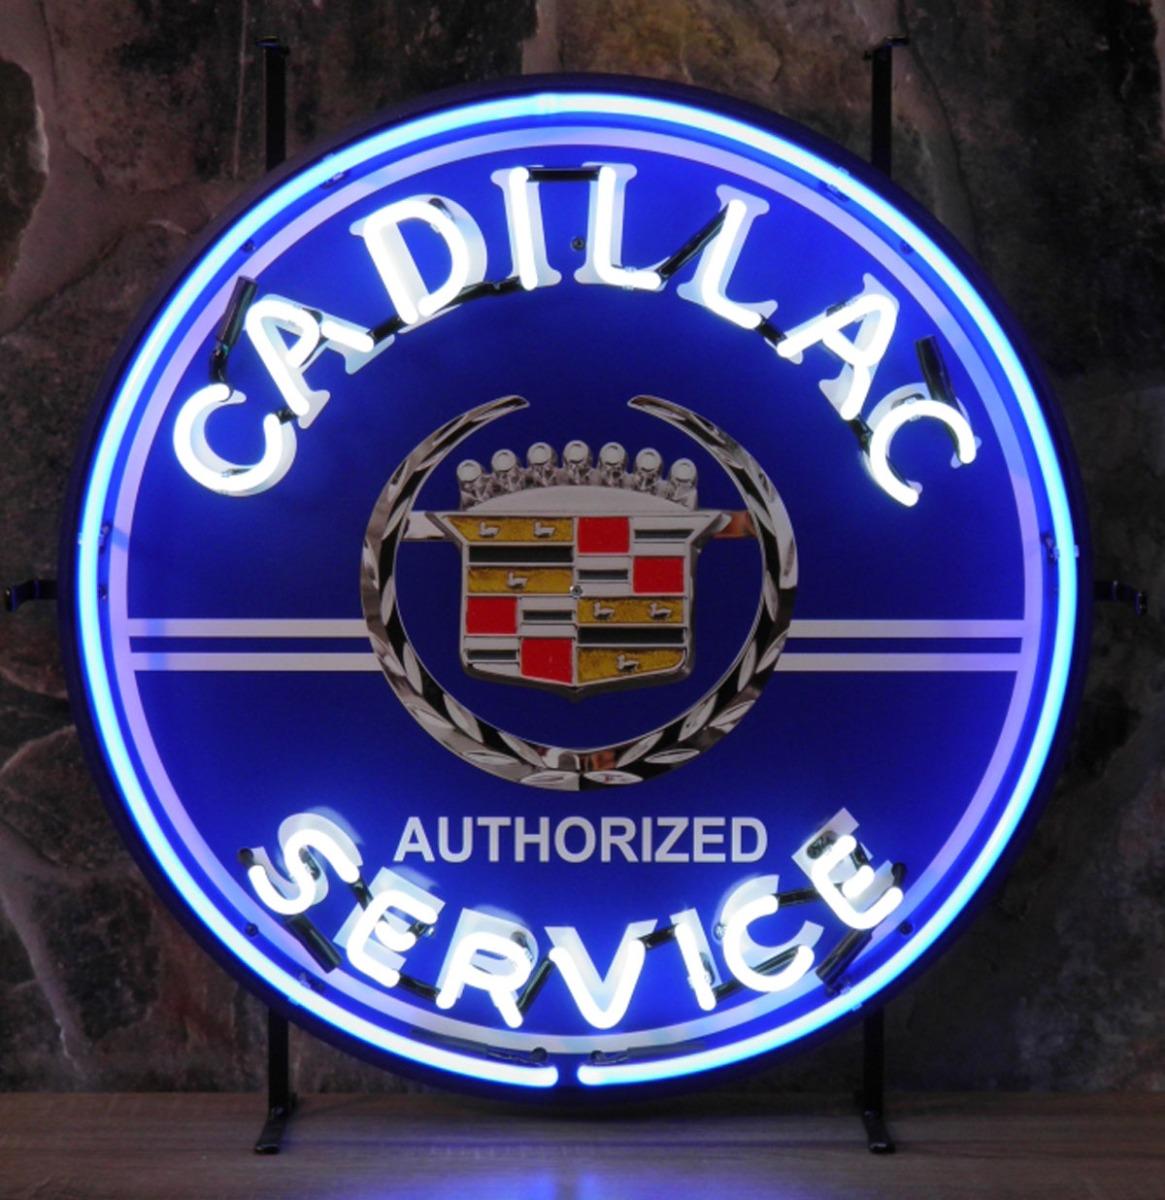 Cadillac Service Neon Verlichting 65 x 65 cm